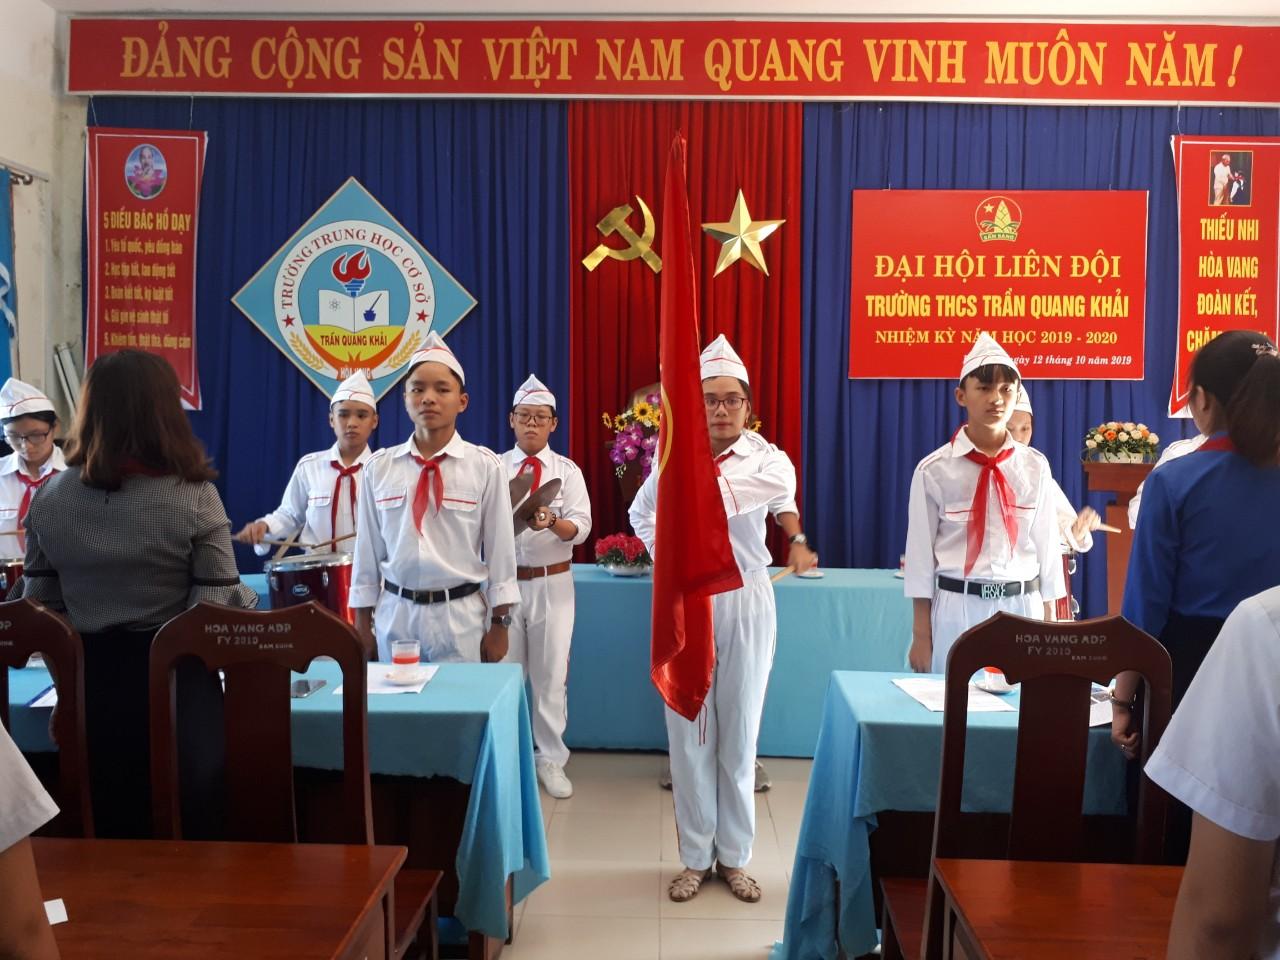 Đại hội liên đội trường thcs Trần Quang Khải nhiệm kỳ 2019 - 2020